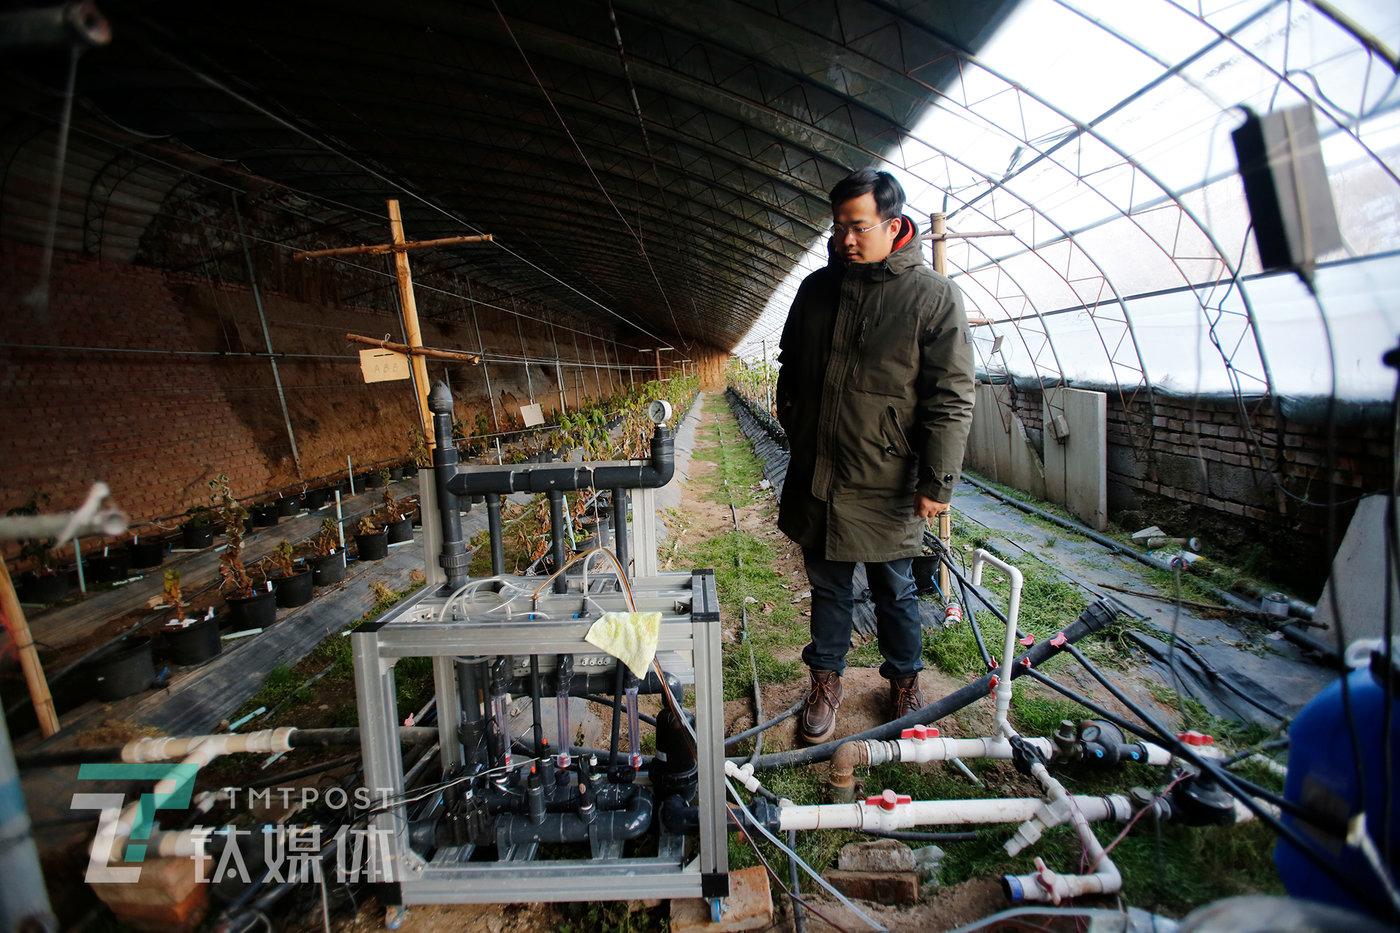 2019年12月29日,张家口,郝亦成在调试水肥机。